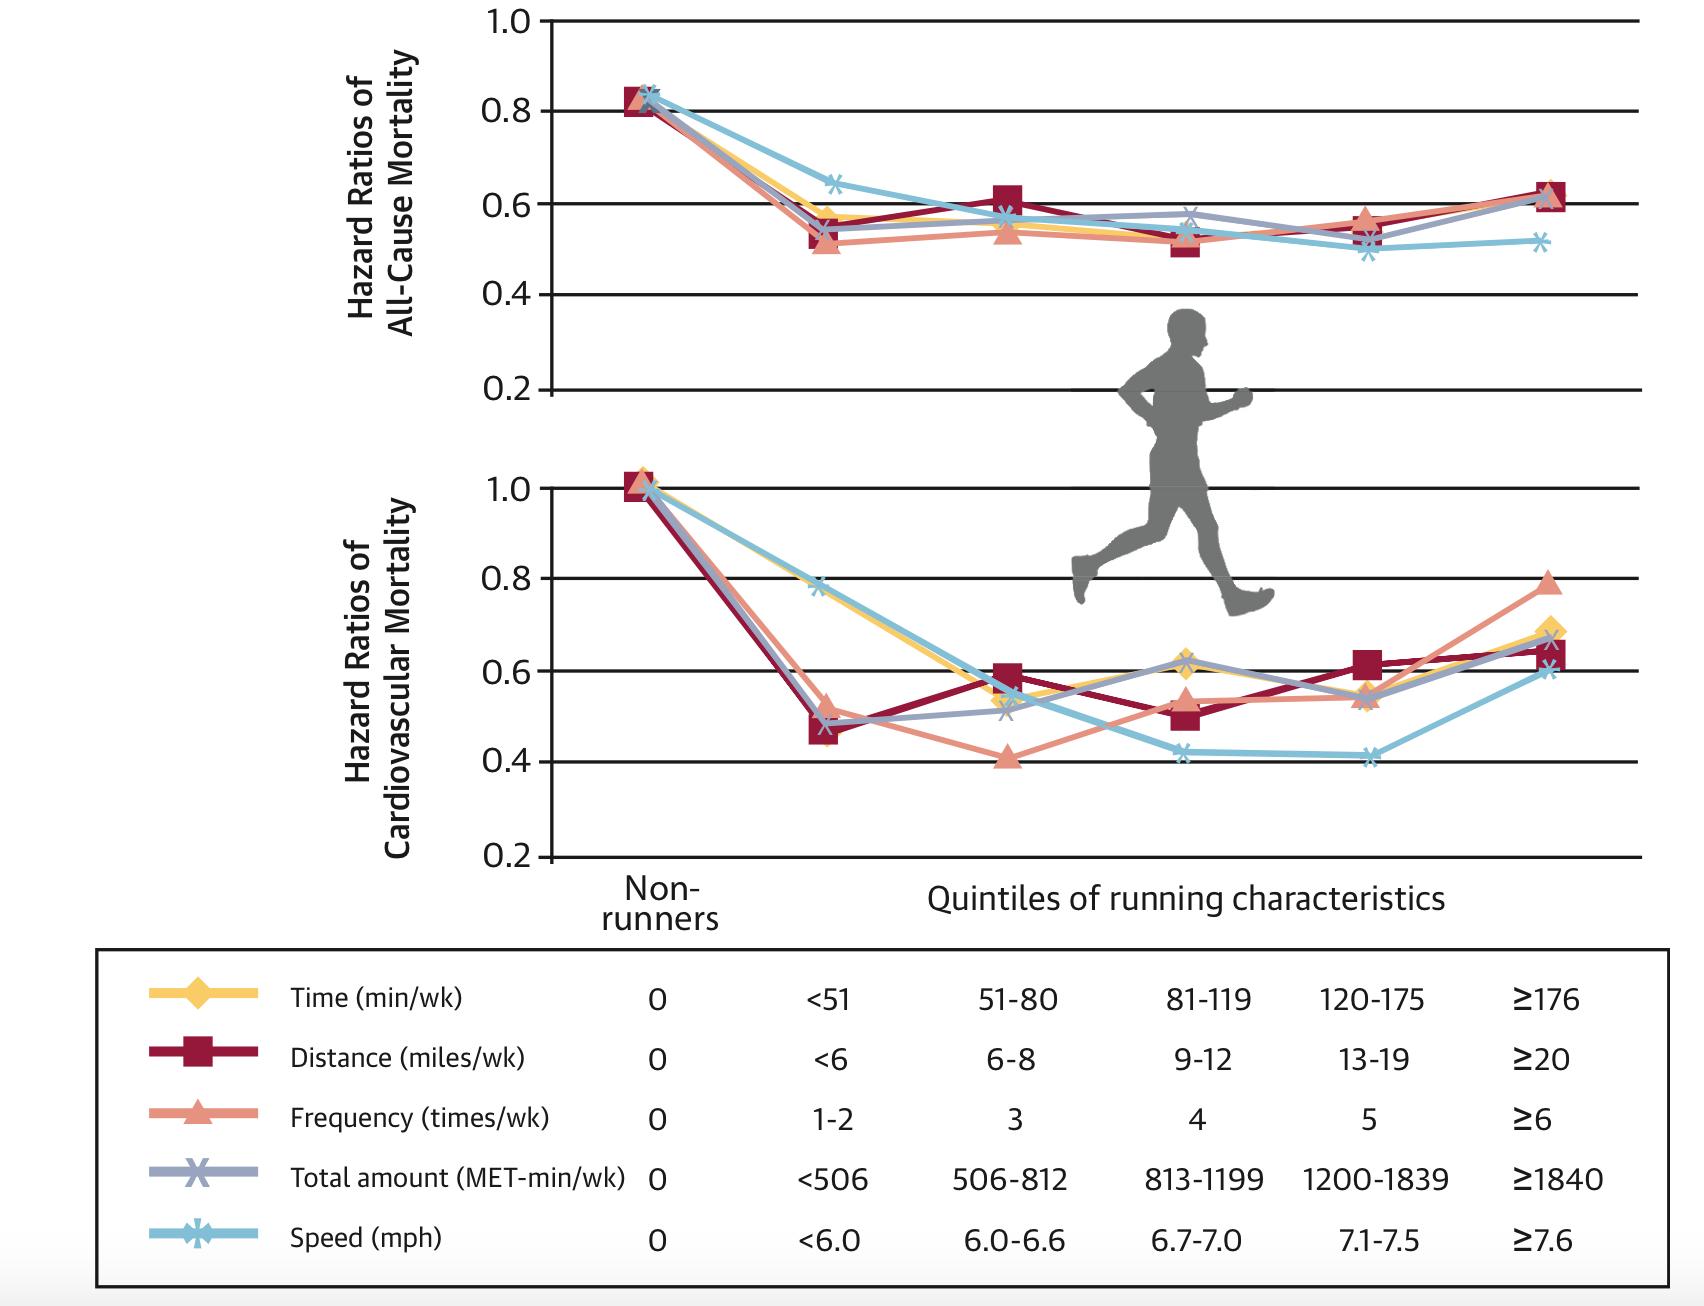 fissac _ gráfica salud y running